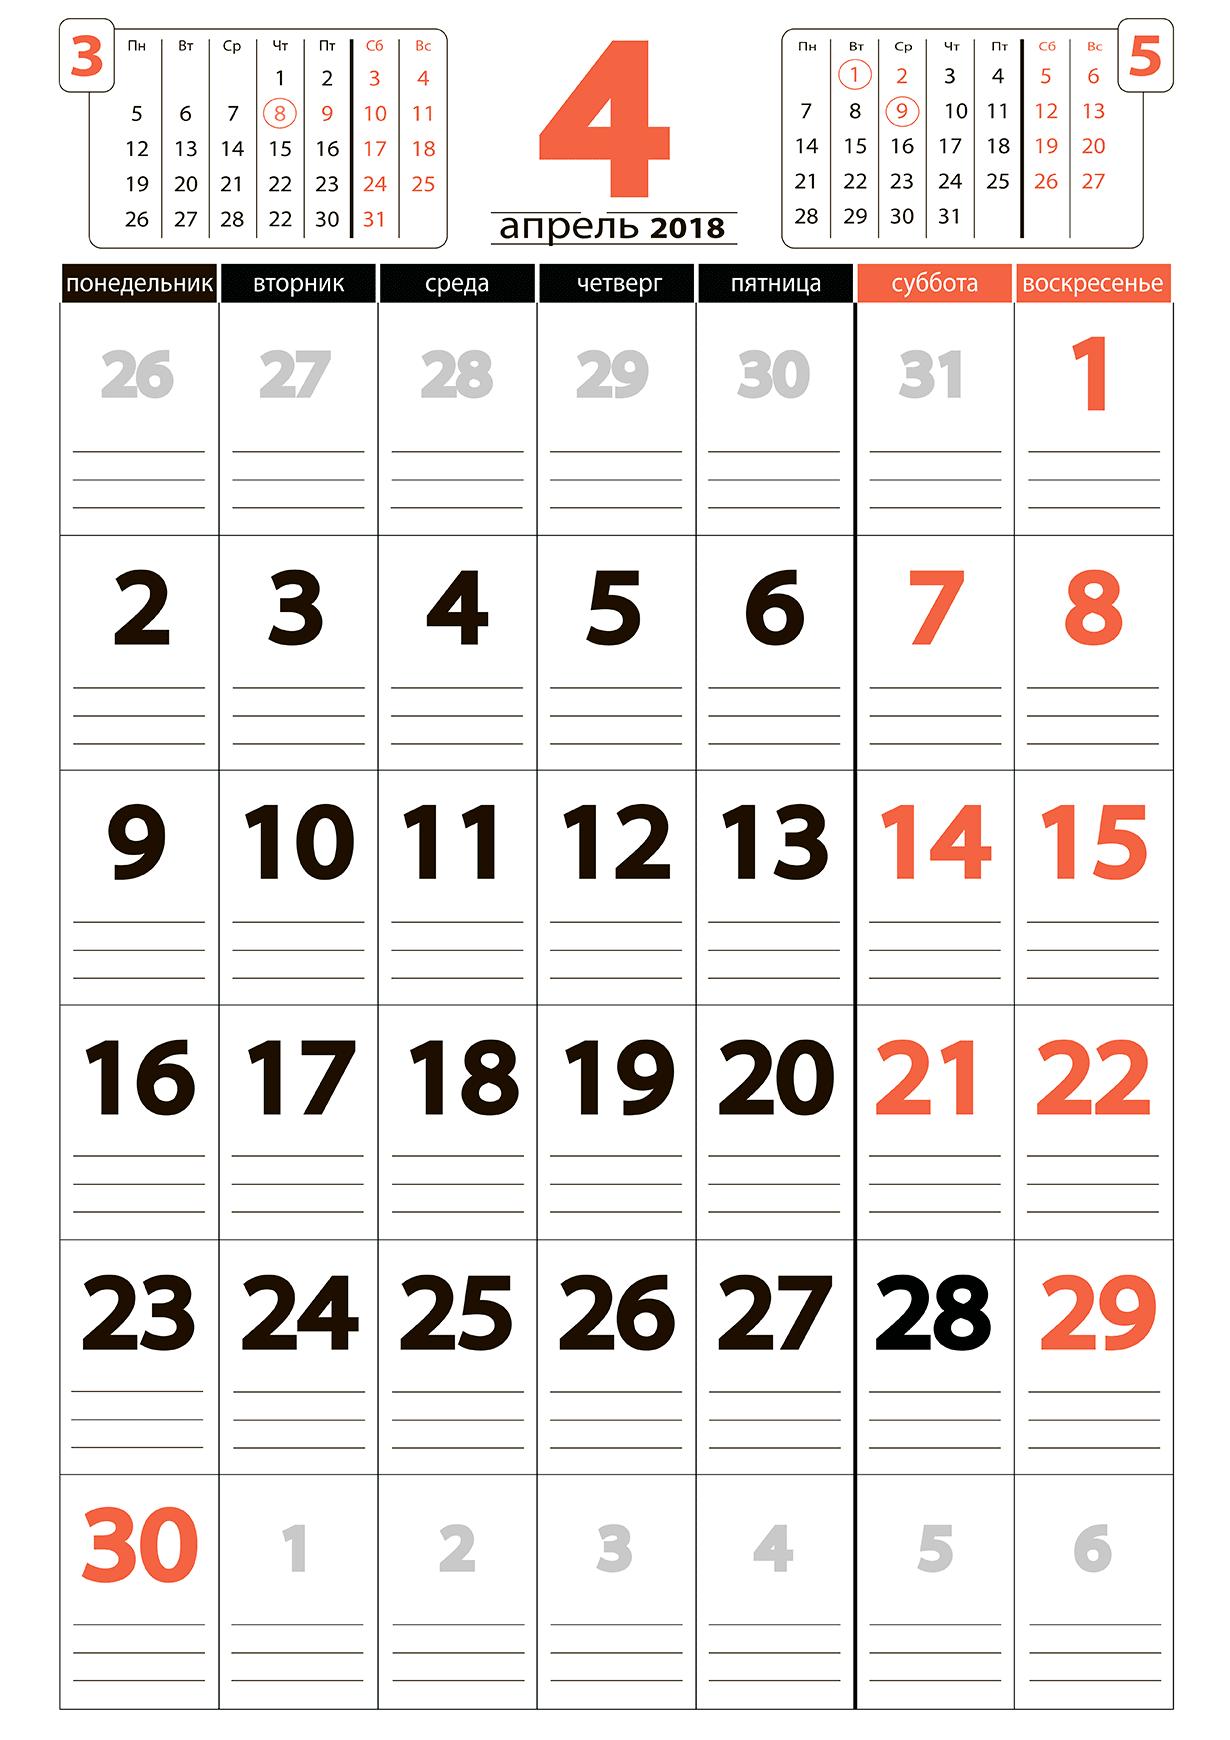 Лунный календарь на май 2019 года изоражения